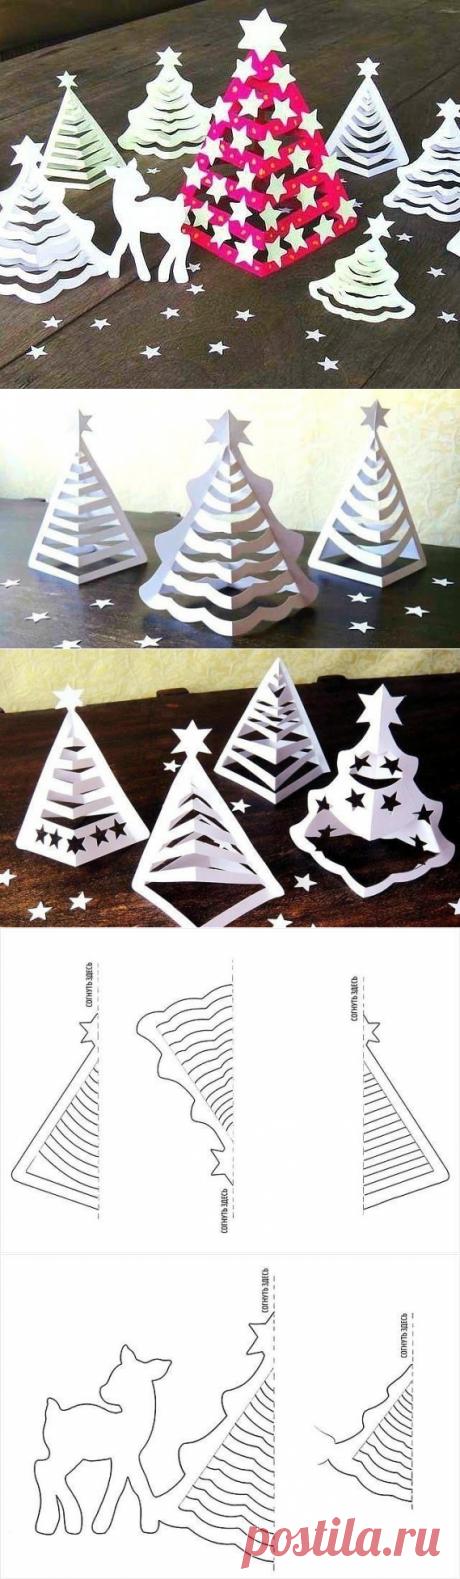 3D-ёлочка из бумаги. Интересная идея для декора